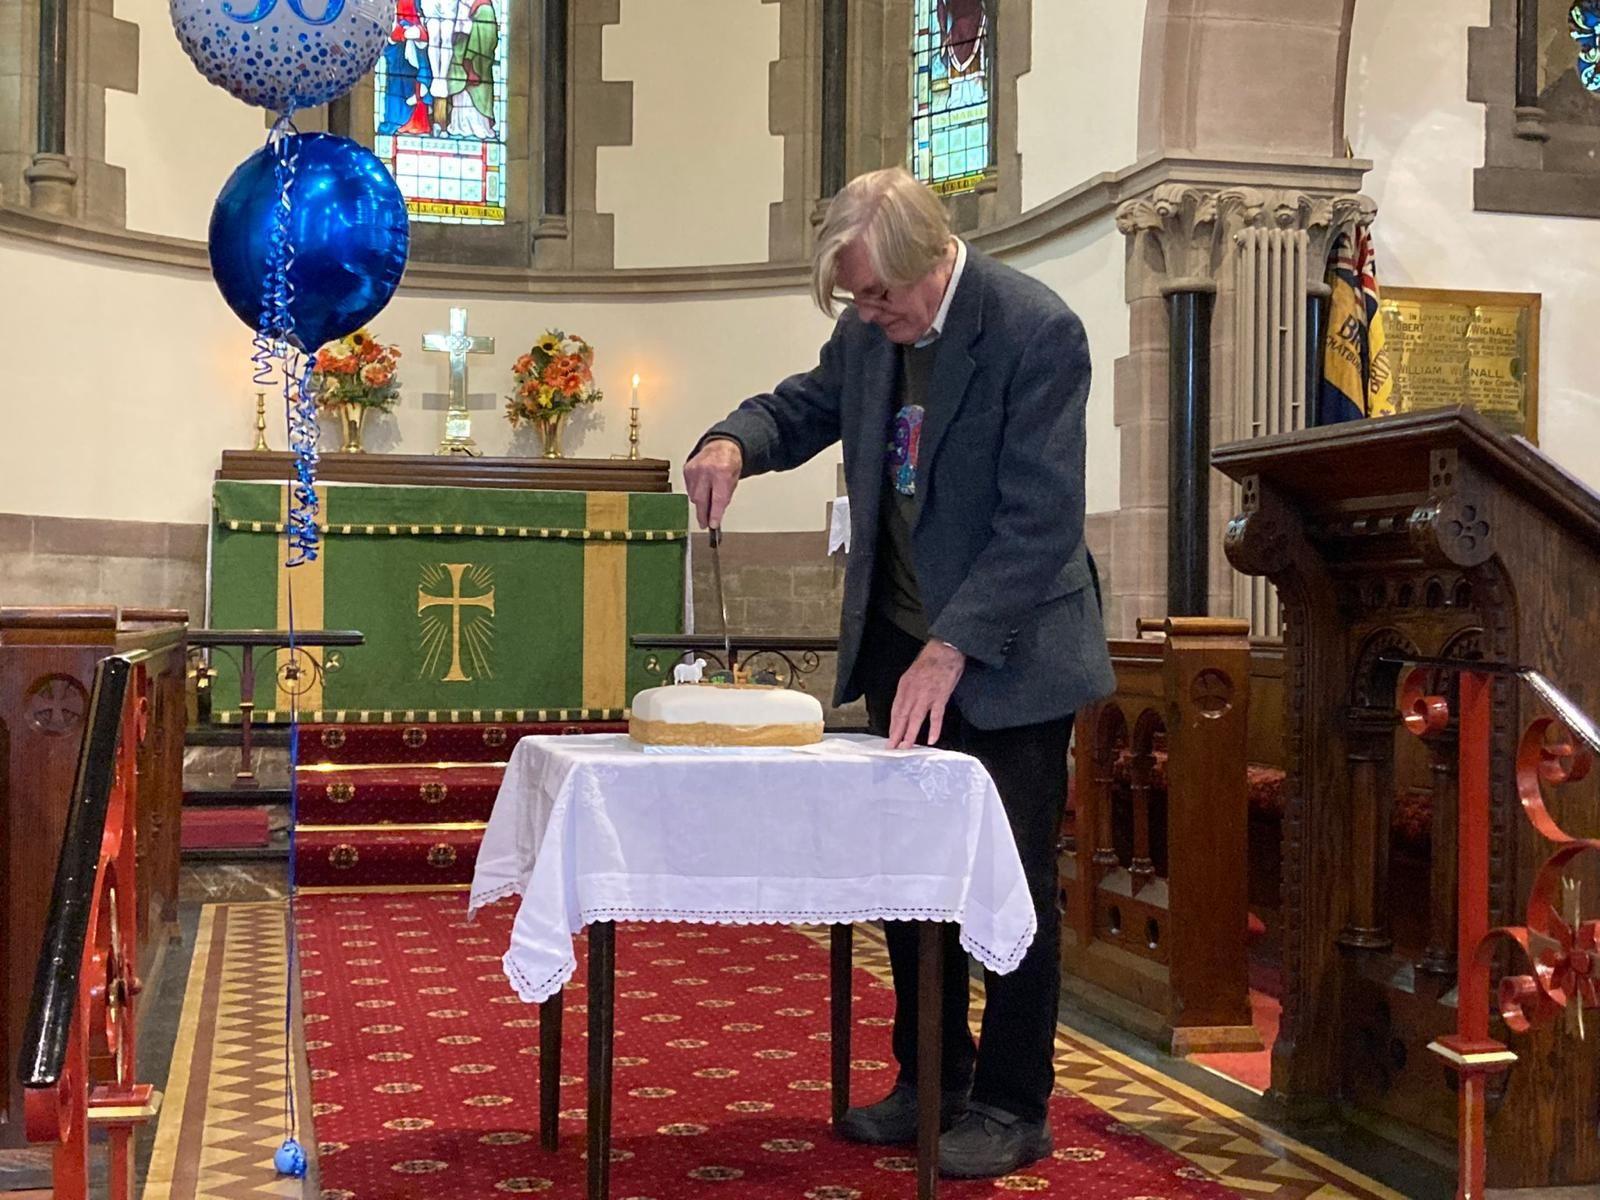 Derek cutting his cake